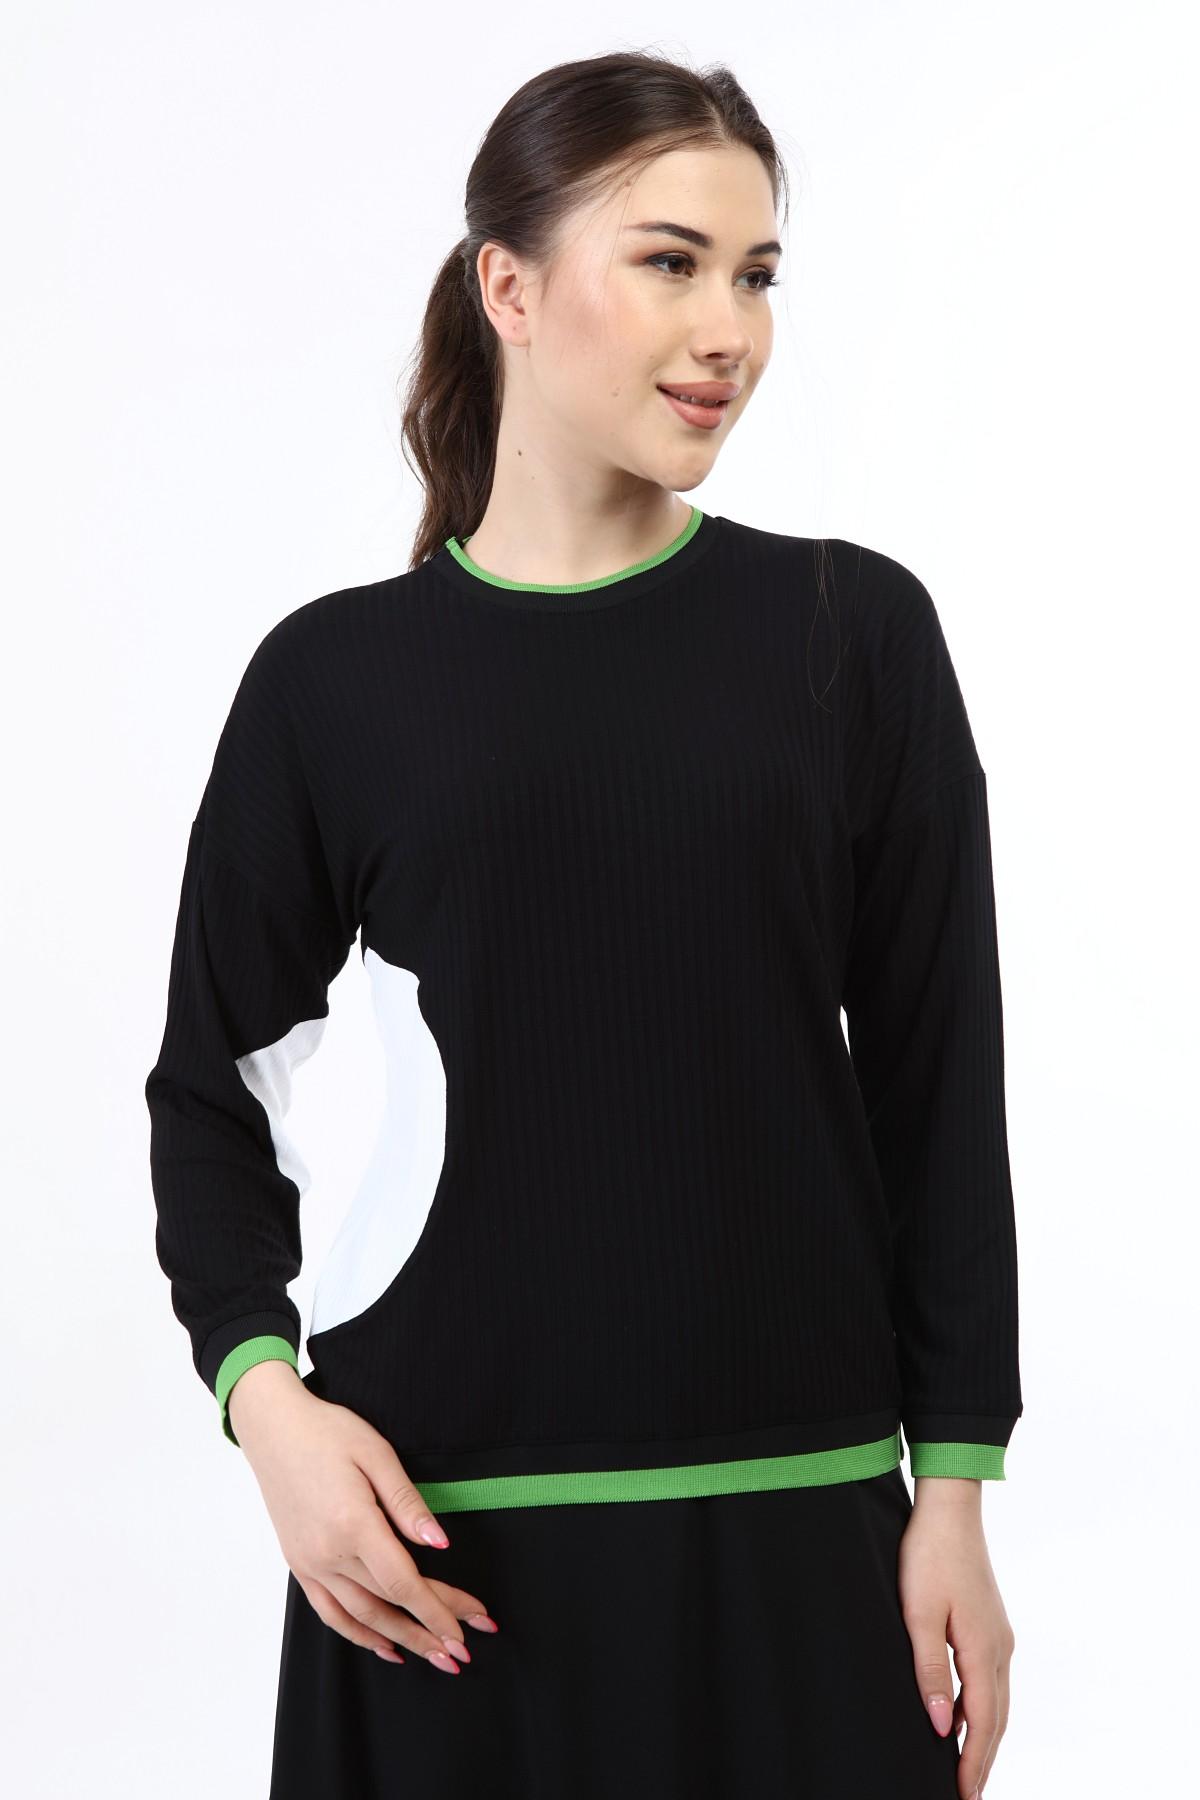 בגדי בית ליידיס - עליונית שחור עם עיגול לבן קולקציית 2021 דגם H01